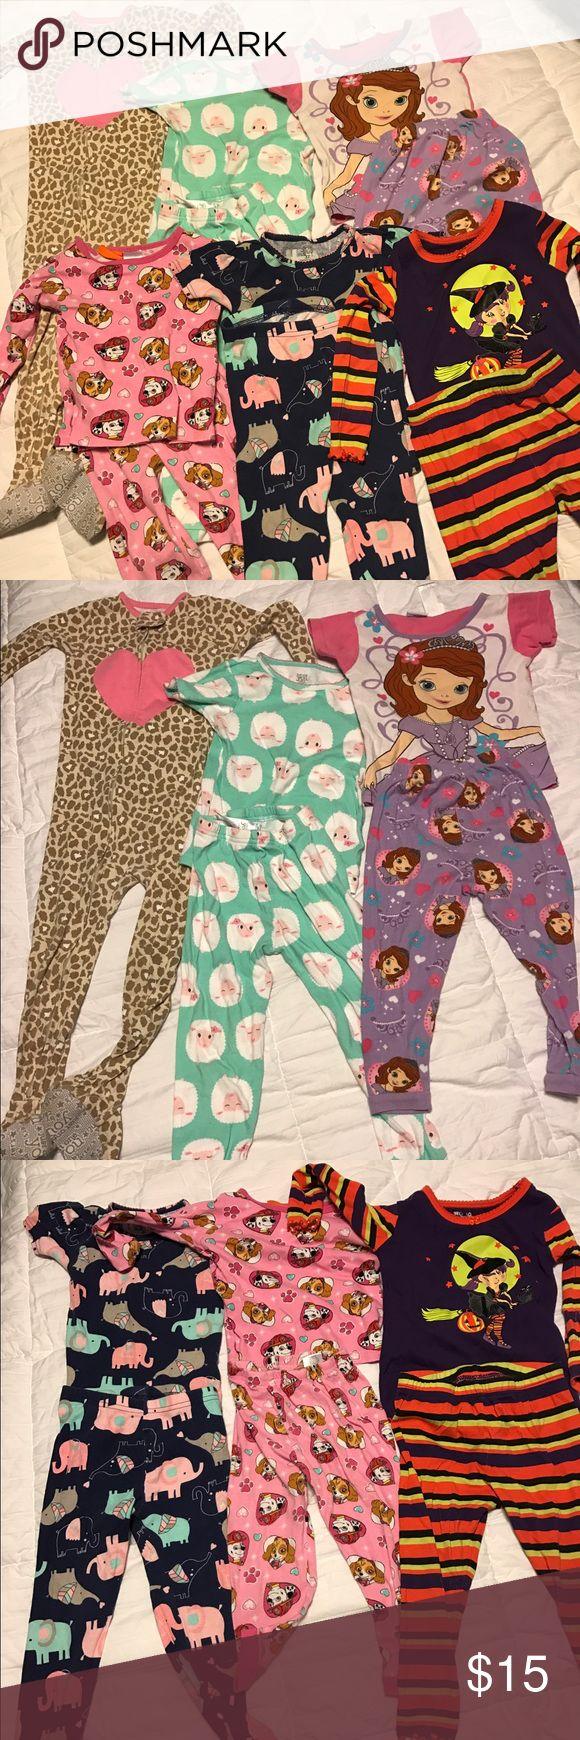 6 piece 3T girls pj set 6 pajamas, 3T girls, paw patrol and Sofia among others. Good condition. Pajamas Pajama Sets